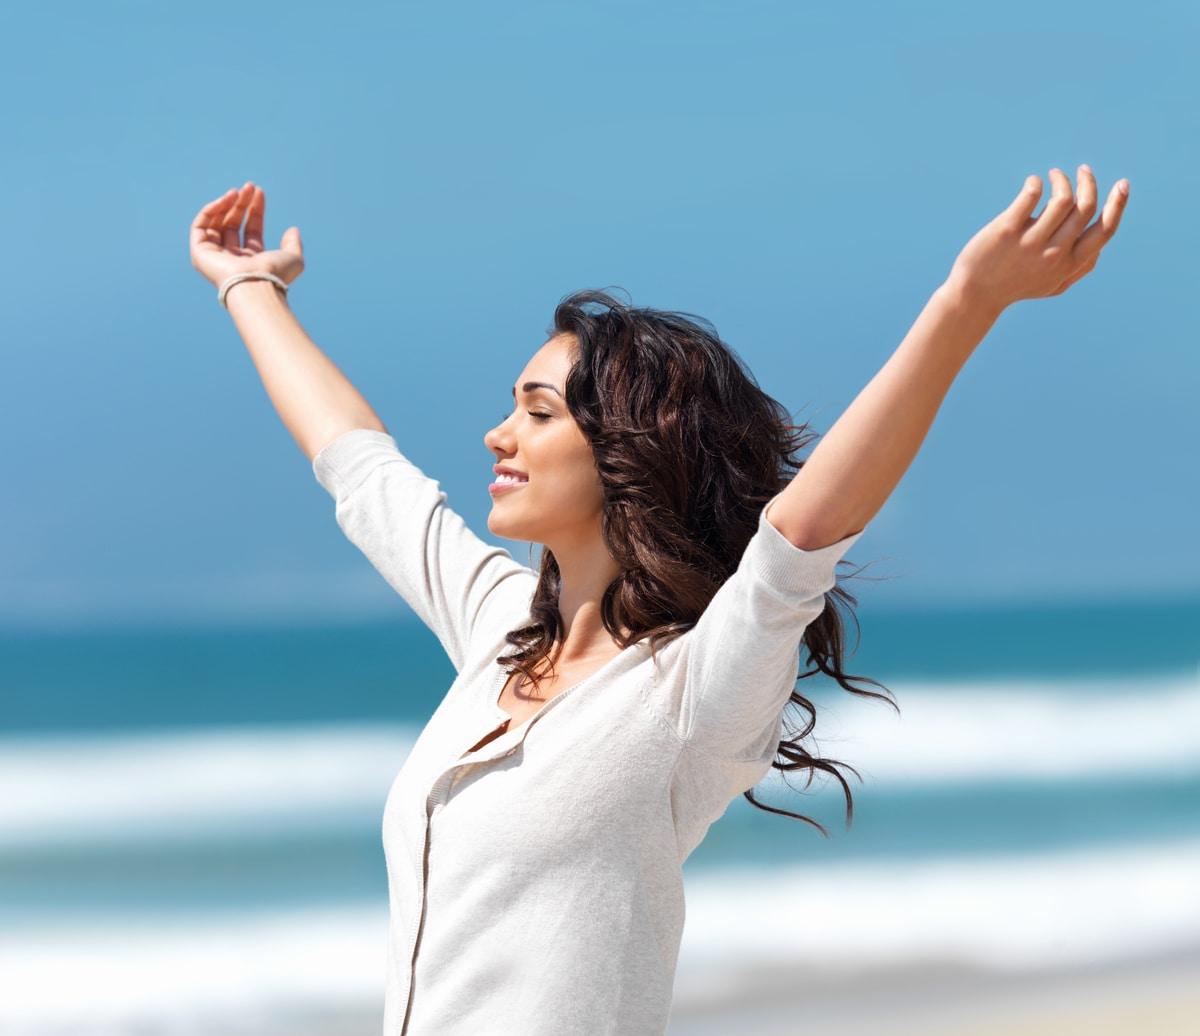 Positive Woman on the beach